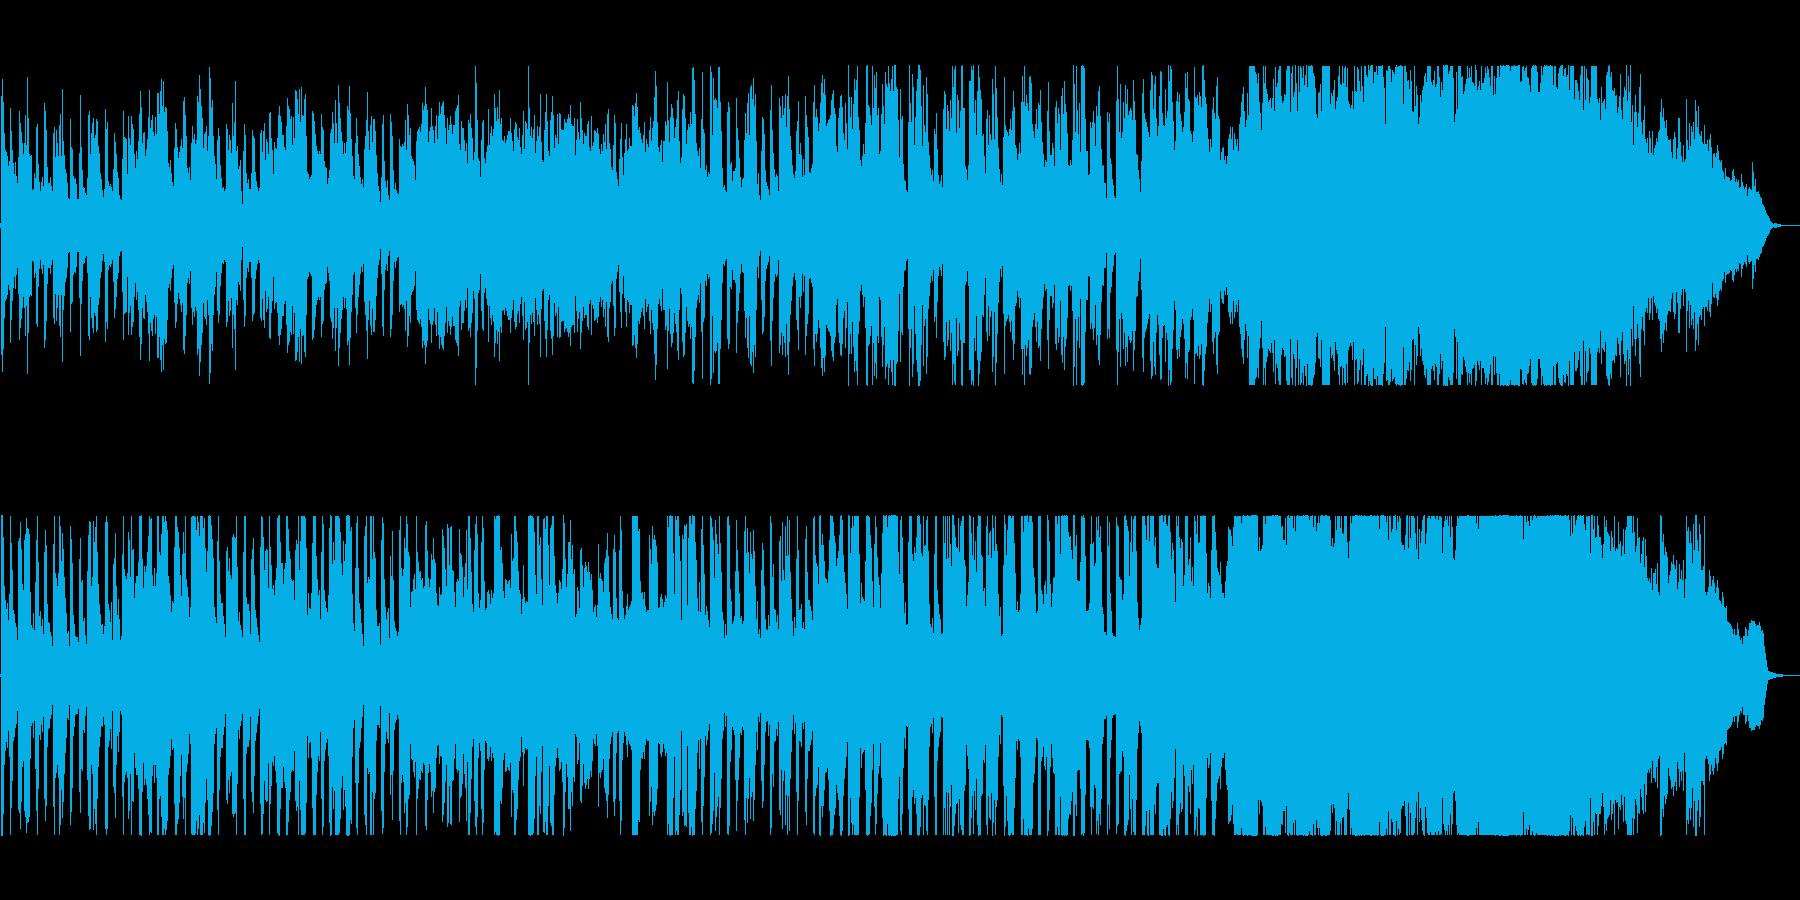 スケール感のある壮大なバラードの再生済みの波形